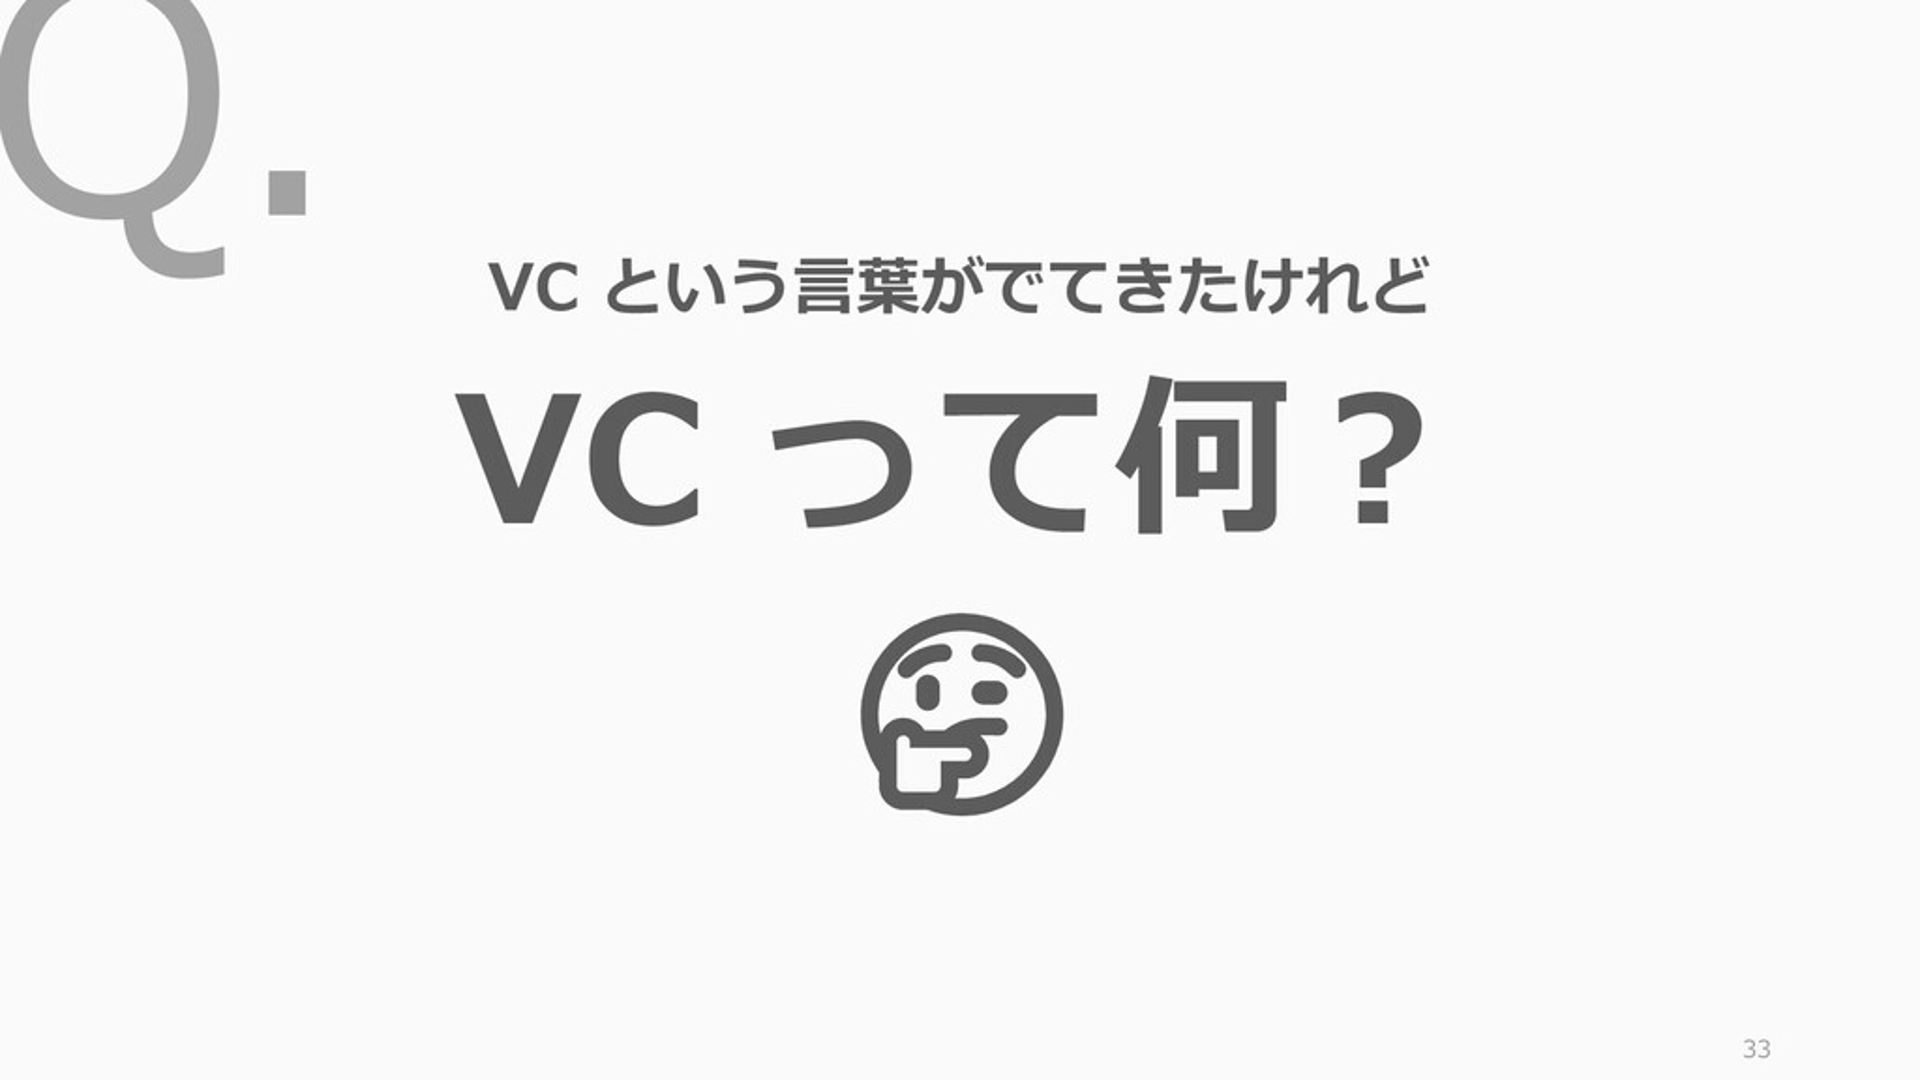 Q. 33 VC という言葉がでてきたけれど VC って何? 🤔